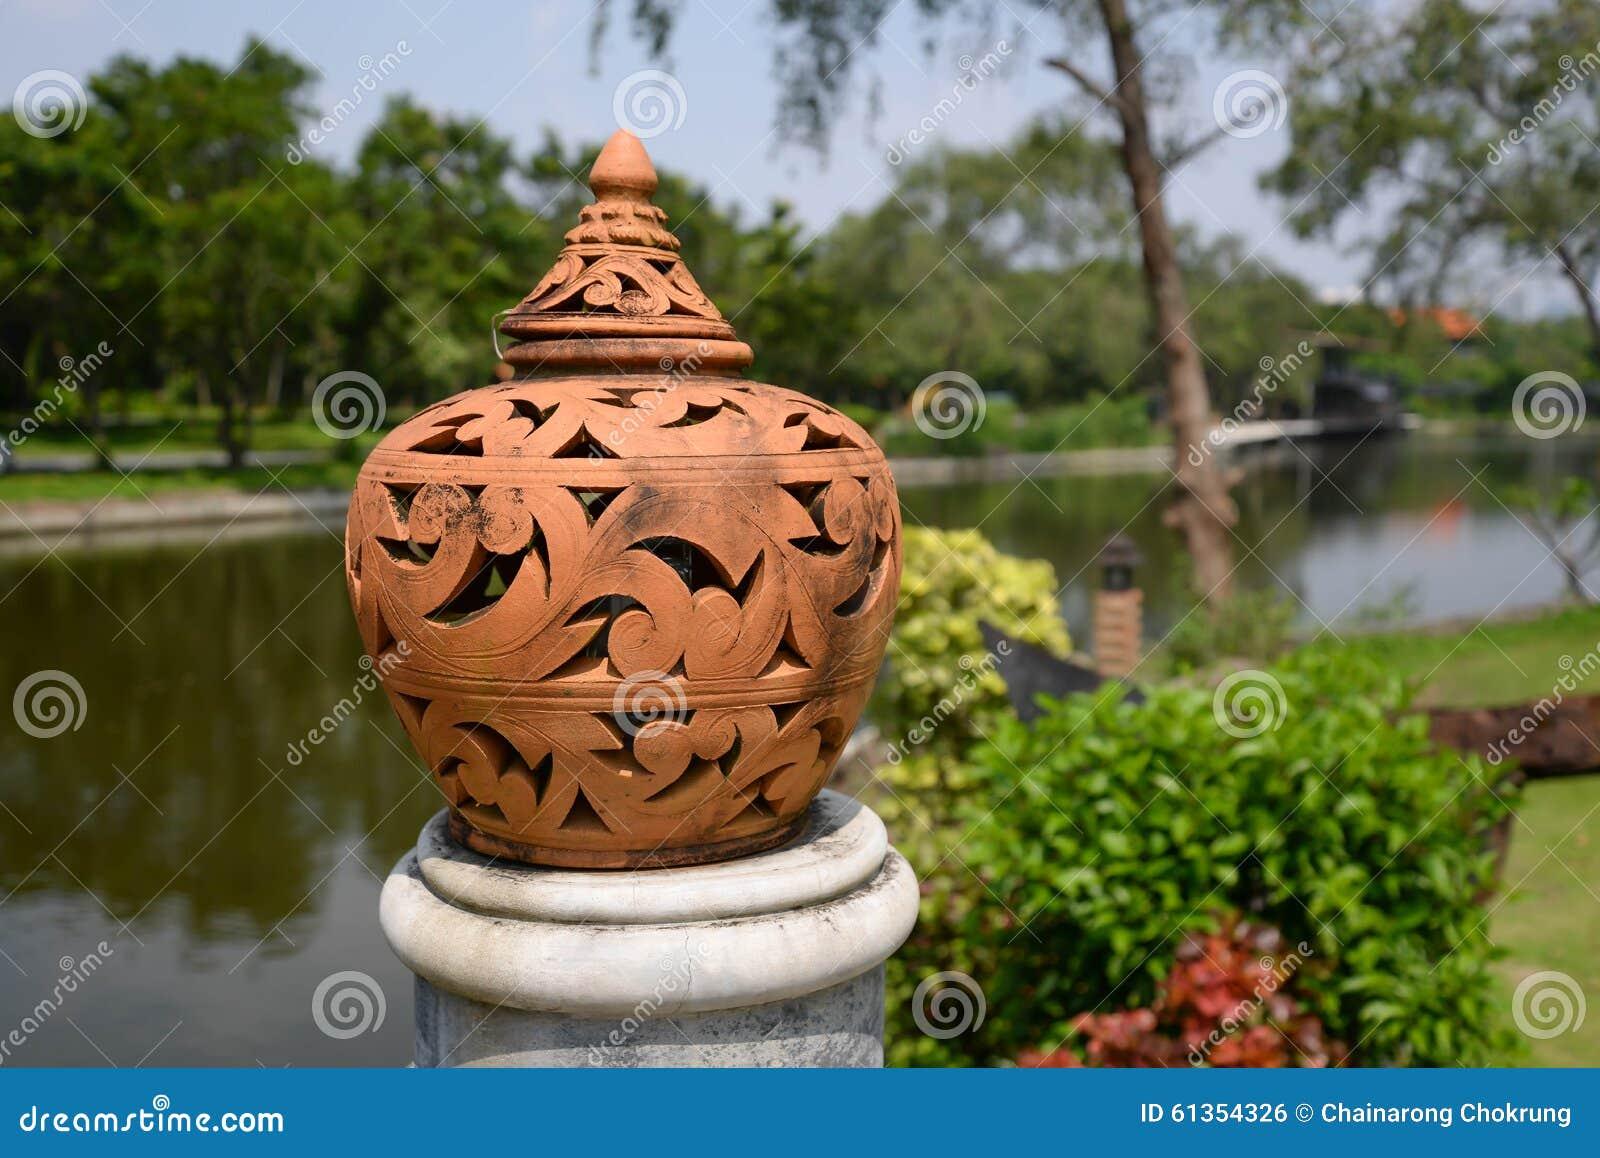 Tonwaren-Lampe mit thailändischer Art